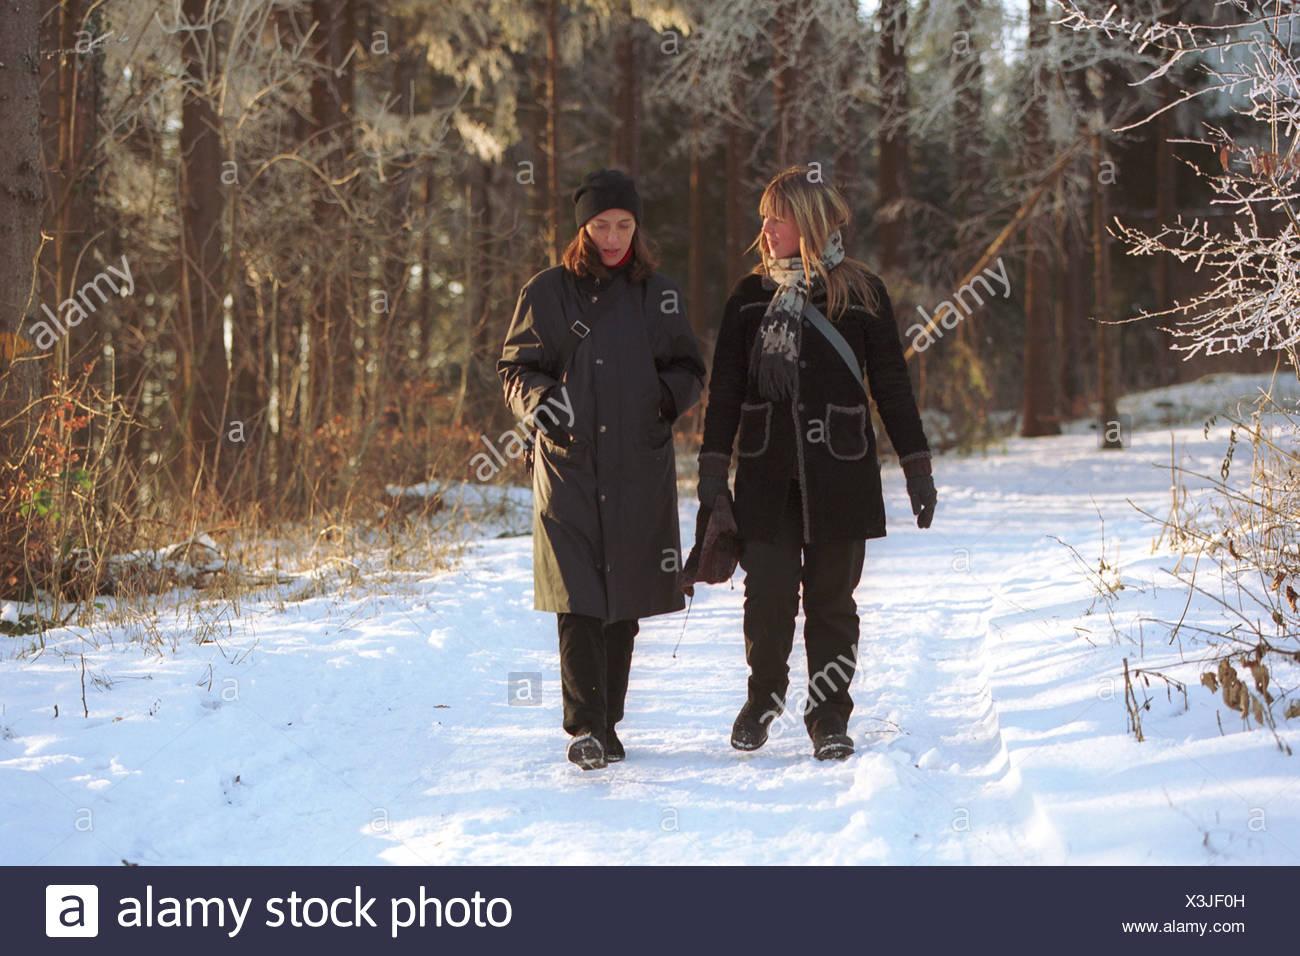 Two women walk in a winter landscape - Stock Image